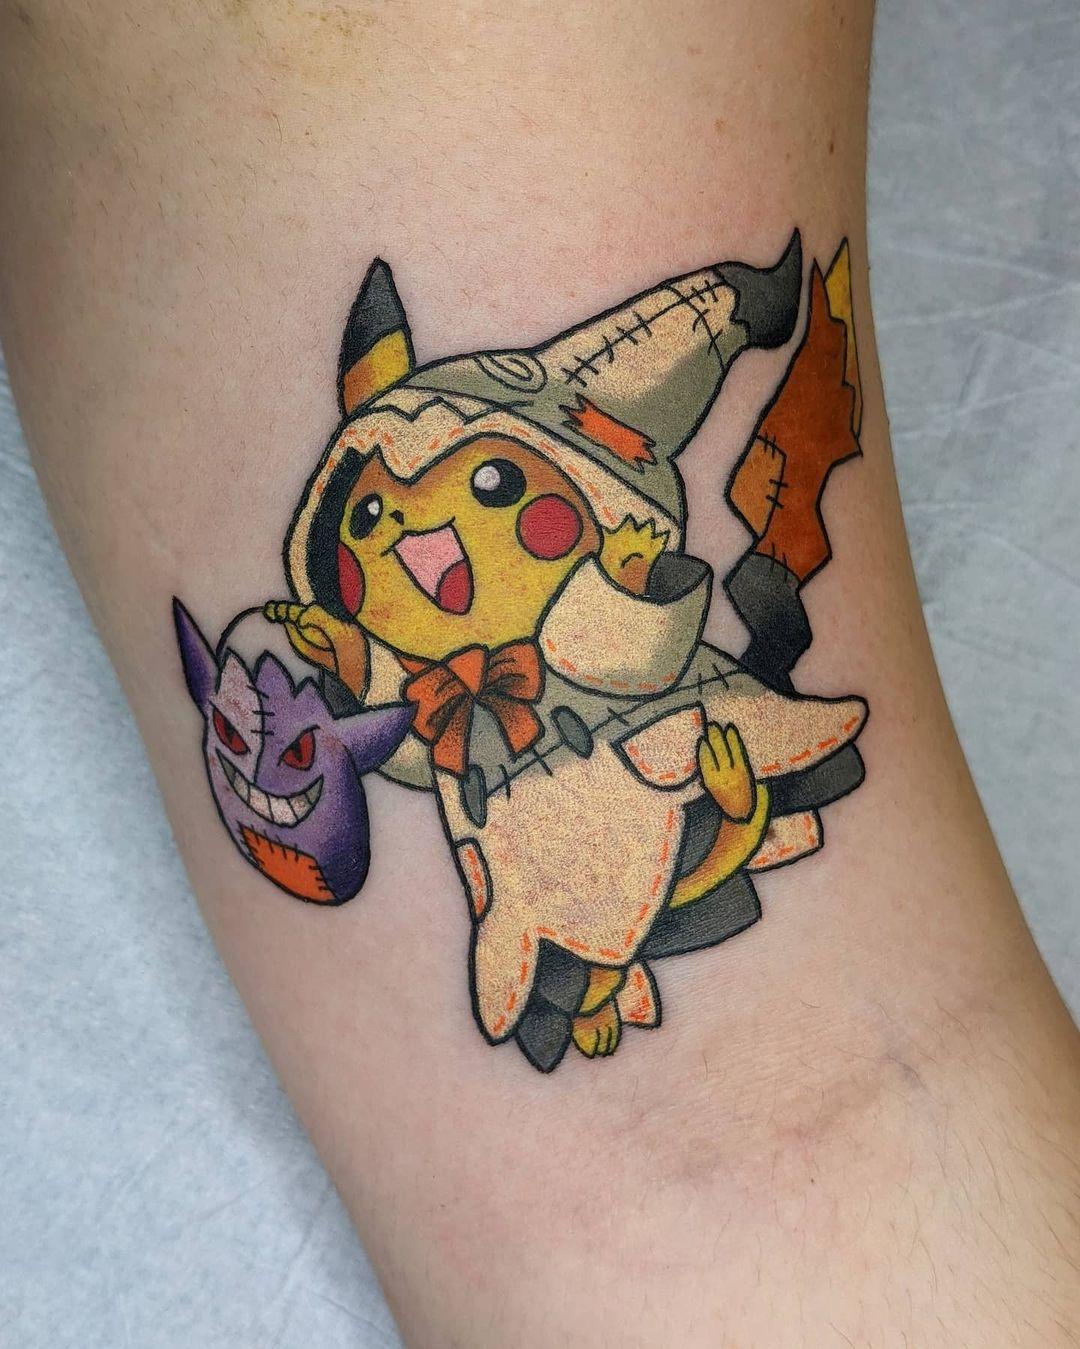 25 perfect pokémon tattoos, you gotta ink 'em all